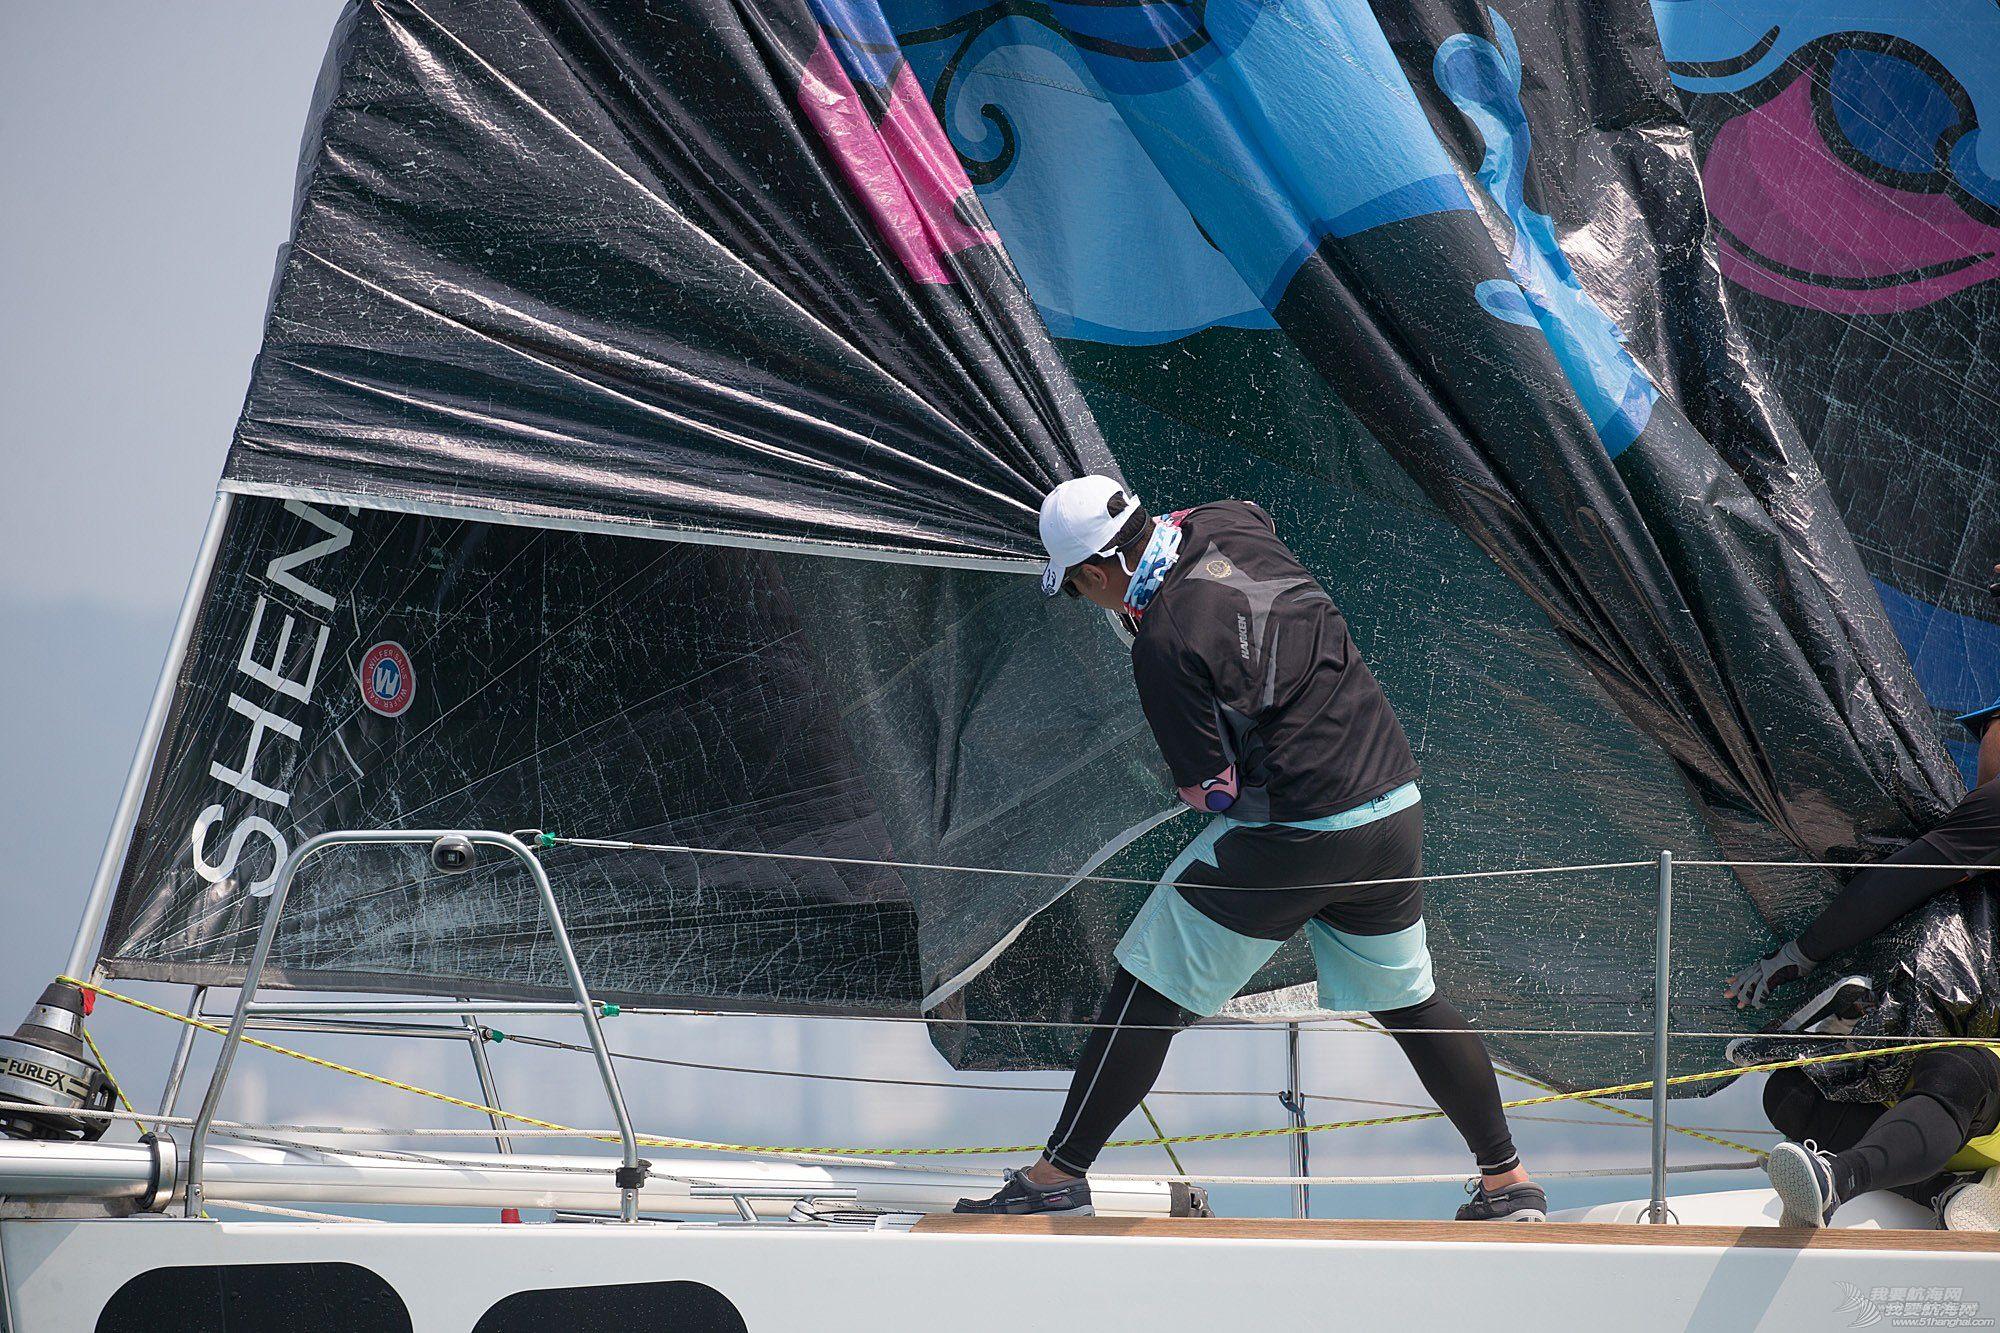 碧桂园杯2018第九届环海南岛国际大帆船赛IRC456组三亚场地赛27日赛事图片2